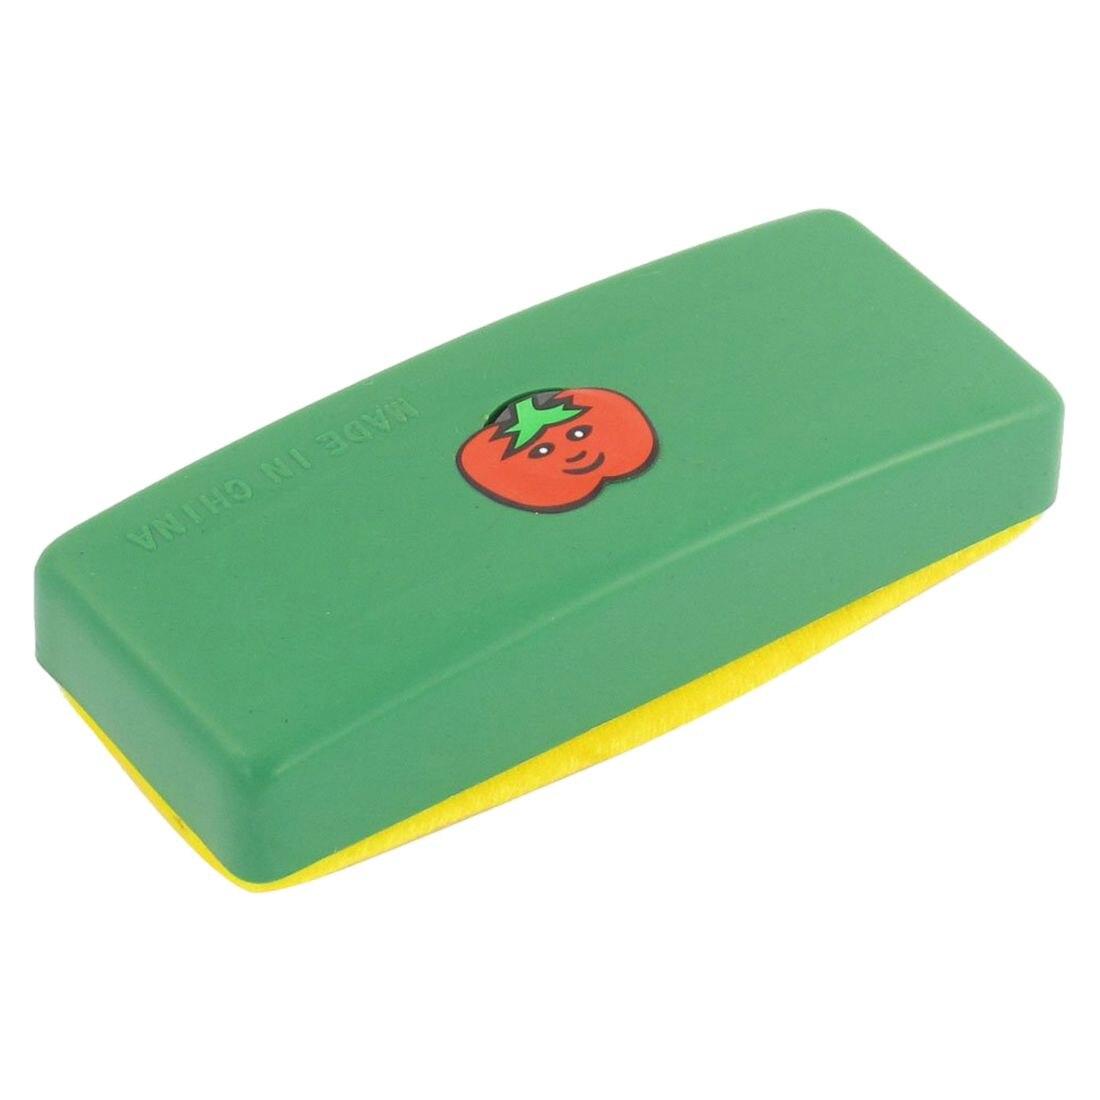 Reinigung Werkzeug Bord Gummi Mit Magnetische Schule Versorgung Trocken Wischen Reinigen Tafel Radiergummi Marker Malerei Büro Zufällige Farbe Tafel Radiergummi